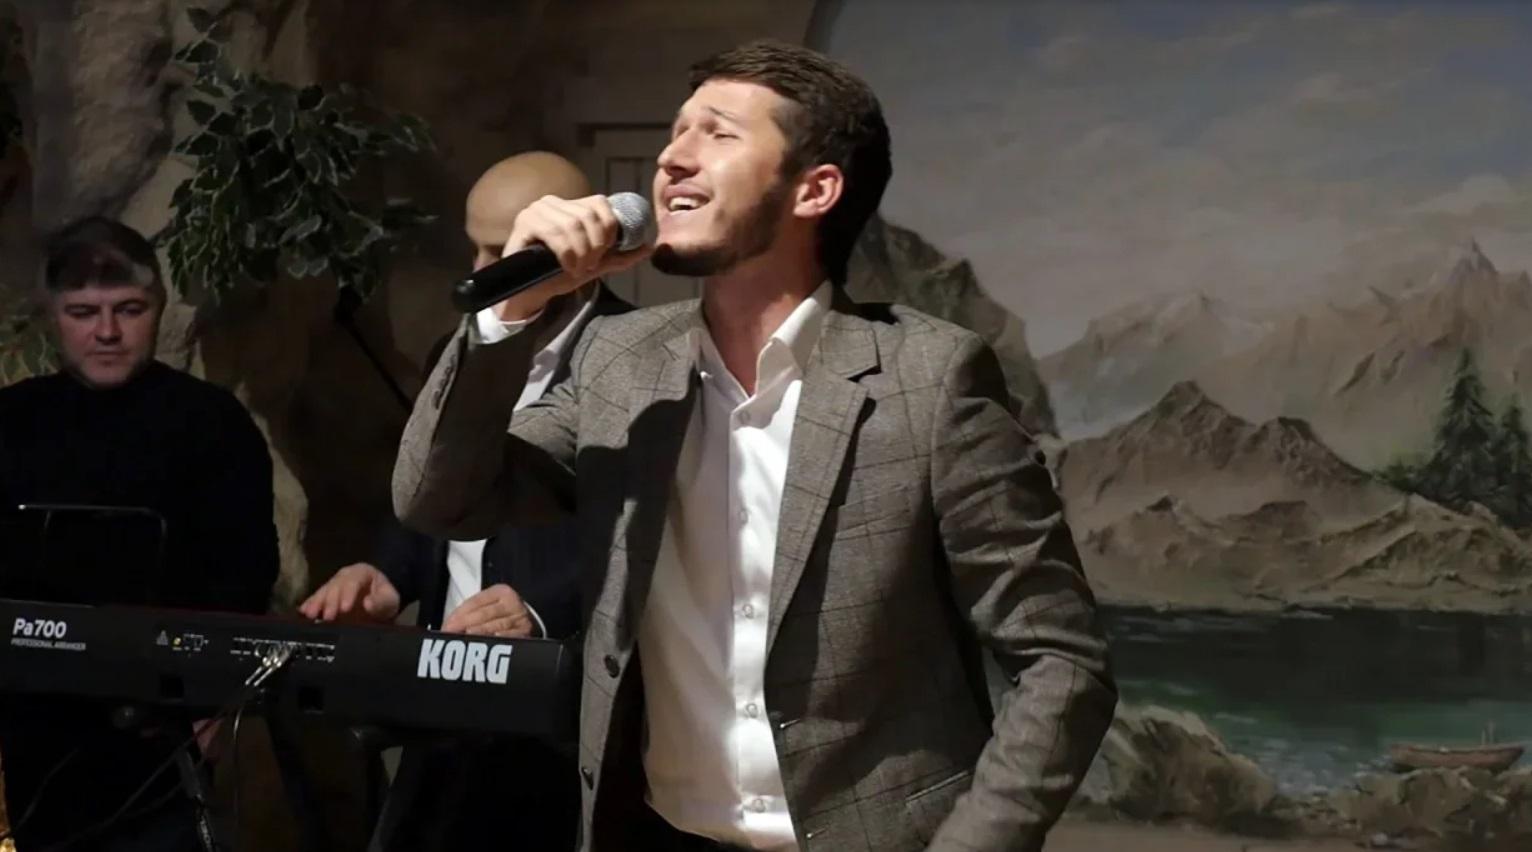 Популярный дагестанский певец Апанди Исмаилгаджиев выпустил новый летний хит